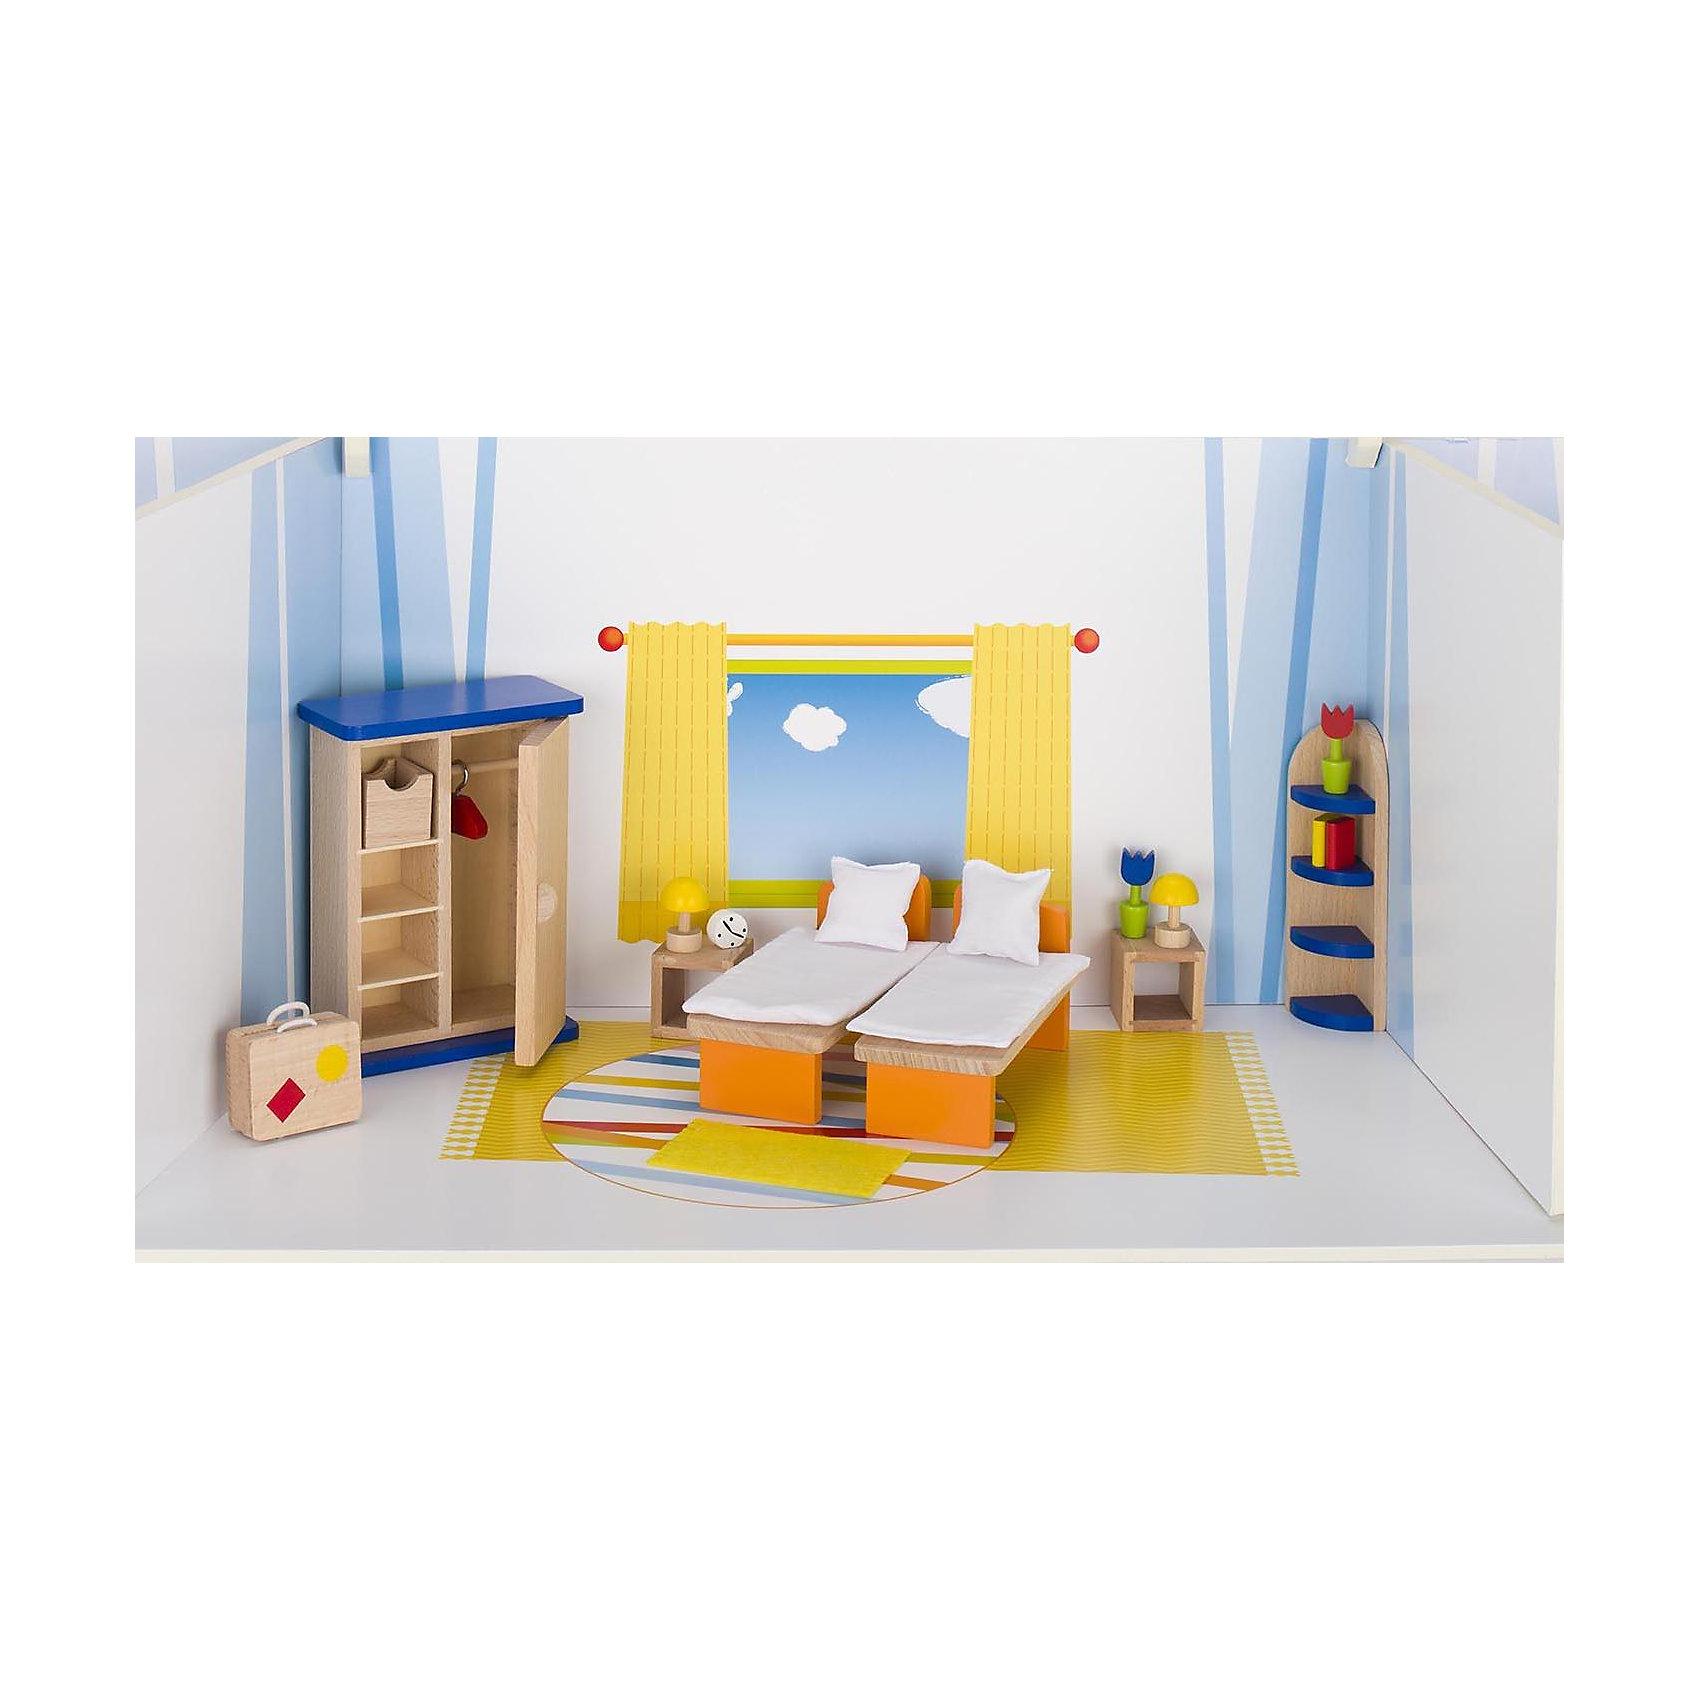 Мебель для кукольной спальни, gokiХарактеристики товара:<br><br>- цвет: разноцветный;<br>- материал: дерево;<br>- возраст: от трех лет;<br>- комплектация: 21 предмет.<br><br>Этот симпатичный набор из множества предметов, необходимых в кукольной спальне, приводит детей в восторг! Какая девочка сможет отказаться поиграть с куклами, которые имеют спальню, так похожую на настоящую?! В набор входят самые необходимые для этого помещения вещи. Игрушки очень качественно выполнены, поэтому набор станет замечательным подарком ребенку. <br>Продается набор в красивой удобной упаковке. Игры с куклами помогают девочкам развить важные навыки и отработать модели социального взаимодействия. Изделие произведено из высококачественного материала, безопасного для детей.<br><br>Мебель для кукольной спальни от германского бренда GOKI можно купить в нашем интернет-магазине.<br><br>Ширина мм: 145<br>Глубина мм: 145<br>Высота мм: 145<br>Вес г: 563<br>Возраст от месяцев: 36<br>Возраст до месяцев: 144<br>Пол: Женский<br>Возраст: Детский<br>SKU: 5155319